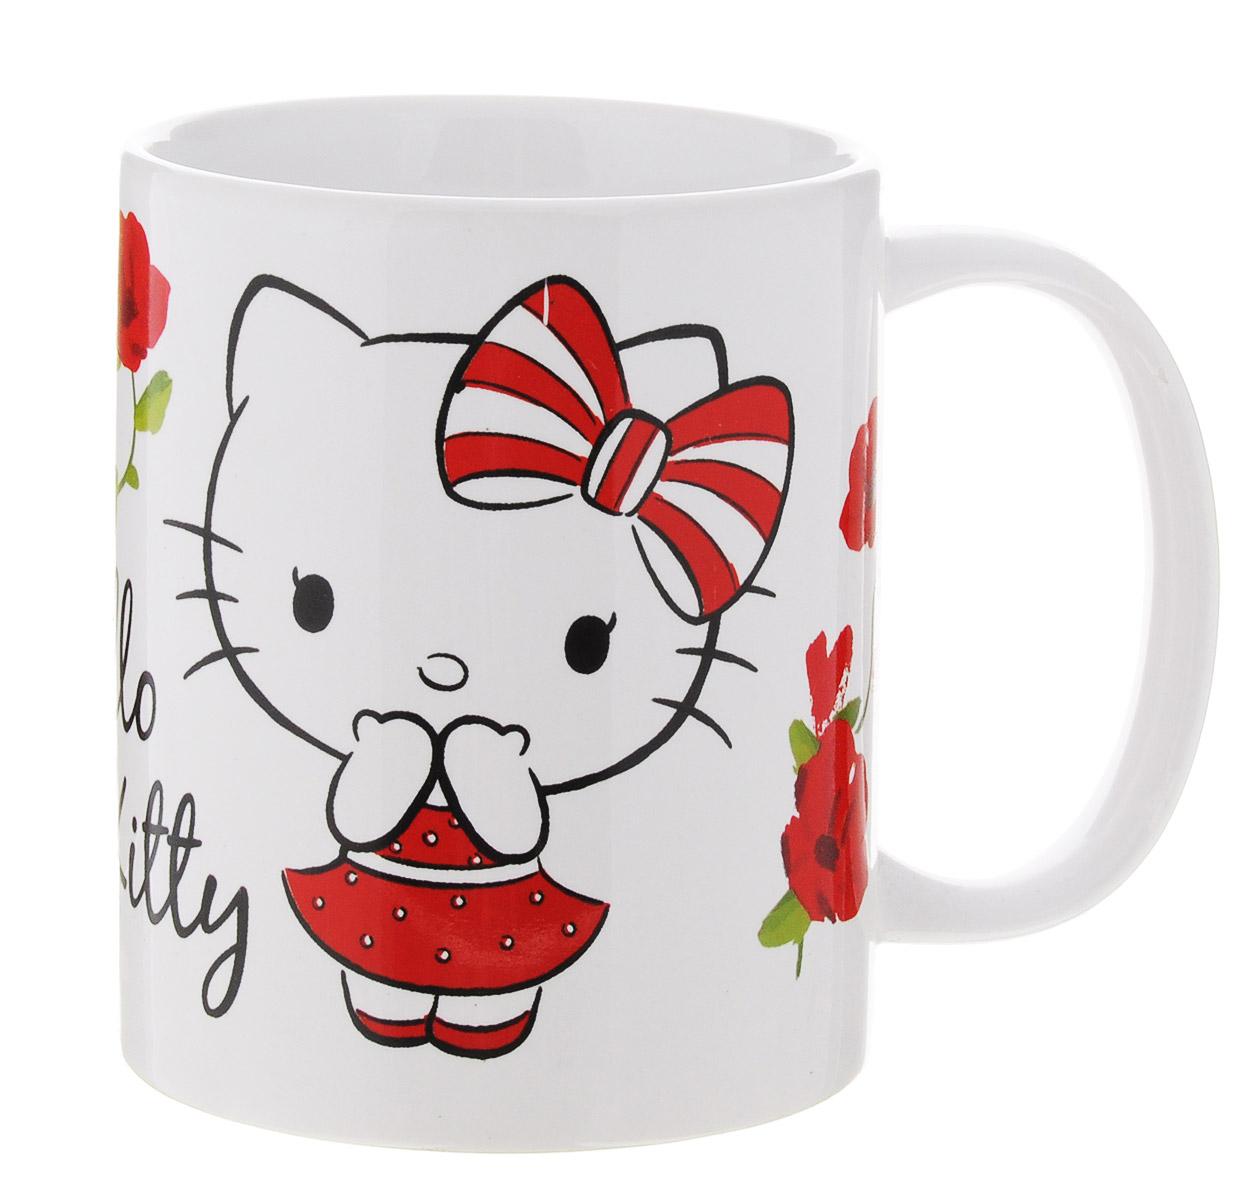 Hello Kitty Кружка детская 330 мл78365Детская кружка Disney Hello Kitty с любимым героем станет отличным подарком для вашего ребенка. Она выполнена из керамики и оформлена изображением симпатичной кошечки Китти.Кружка дополнена удобной ручкой. Такой подарок станет не только приятным, но и практичным сувениром: кружка будет незаменимым атрибутом чаепития, а оригинальное оформление кружки добавит ярких эмоций и хорошего настроения.Можно использовать в СВЧ-печи и посудомоечной машине.